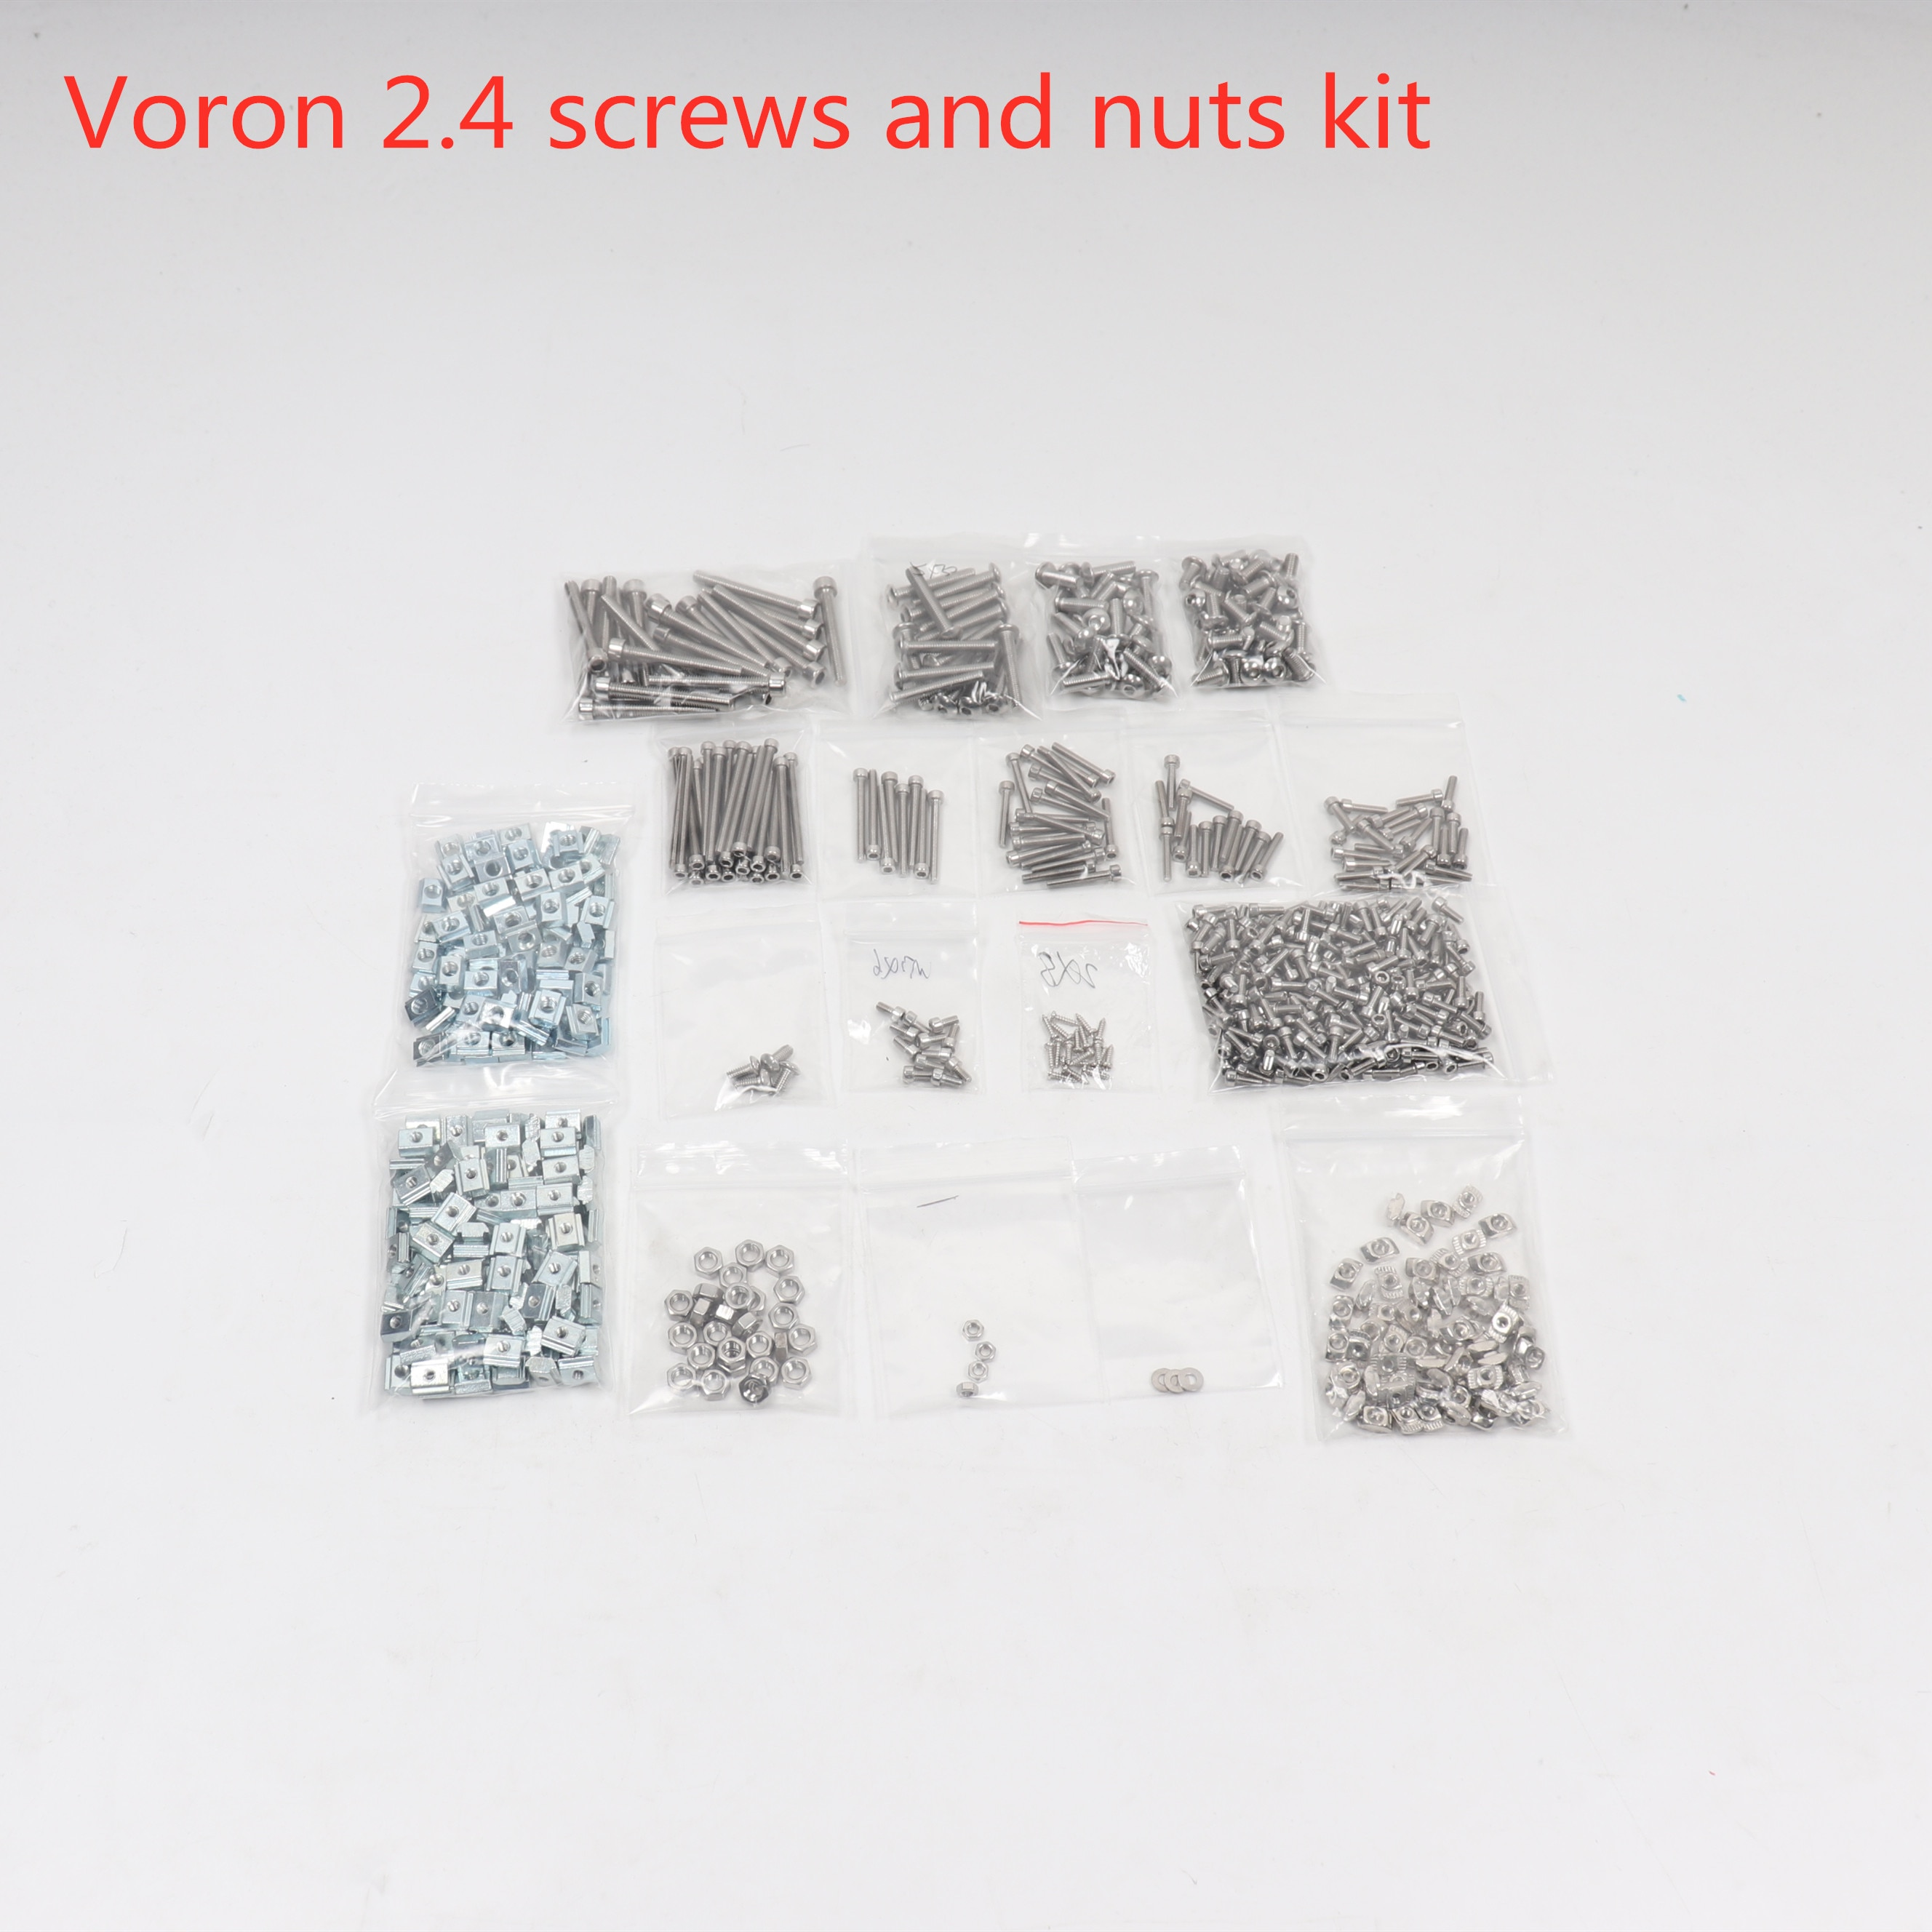 Voron 2.4 طابعة ثلاثية الأبعاد, مجموعة كاملة مع مثبتات براغي وصواميل